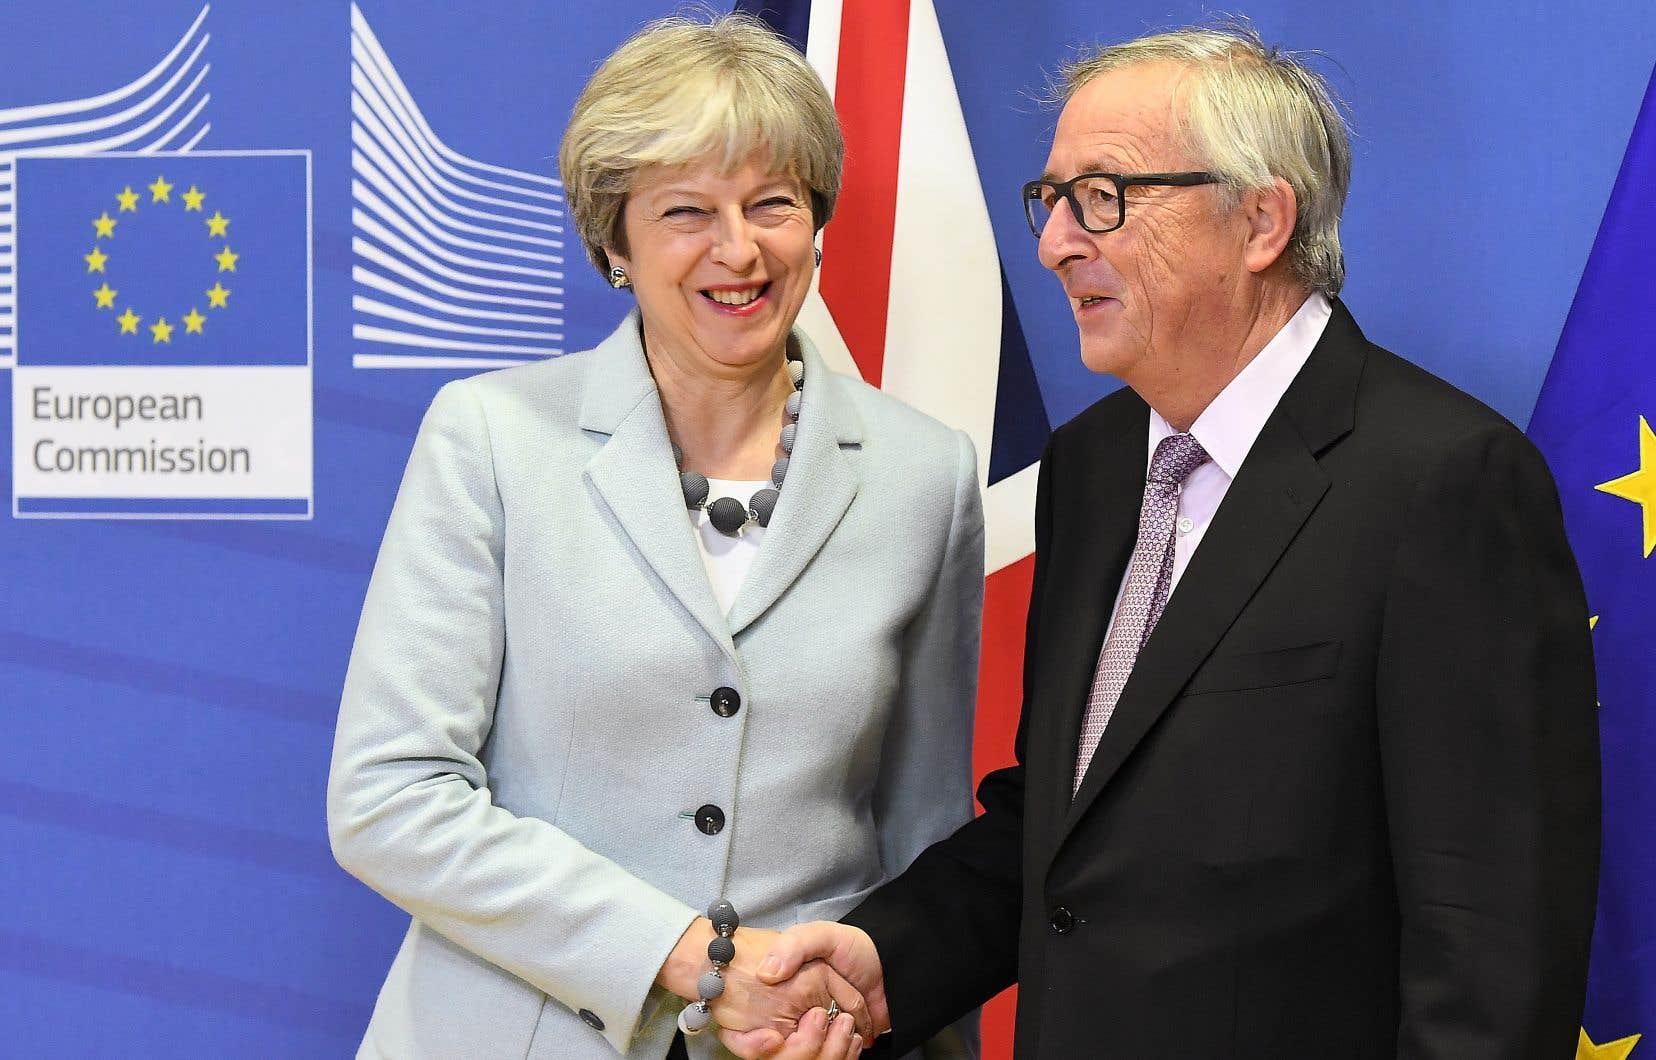 Vendredi, Theresa May, ici avec le président de la Commision européenne, Jean-Claude Juncker, s'est résolue à accepter que son pays assume une facture estimée entre 40 et 45milliards d'euros.